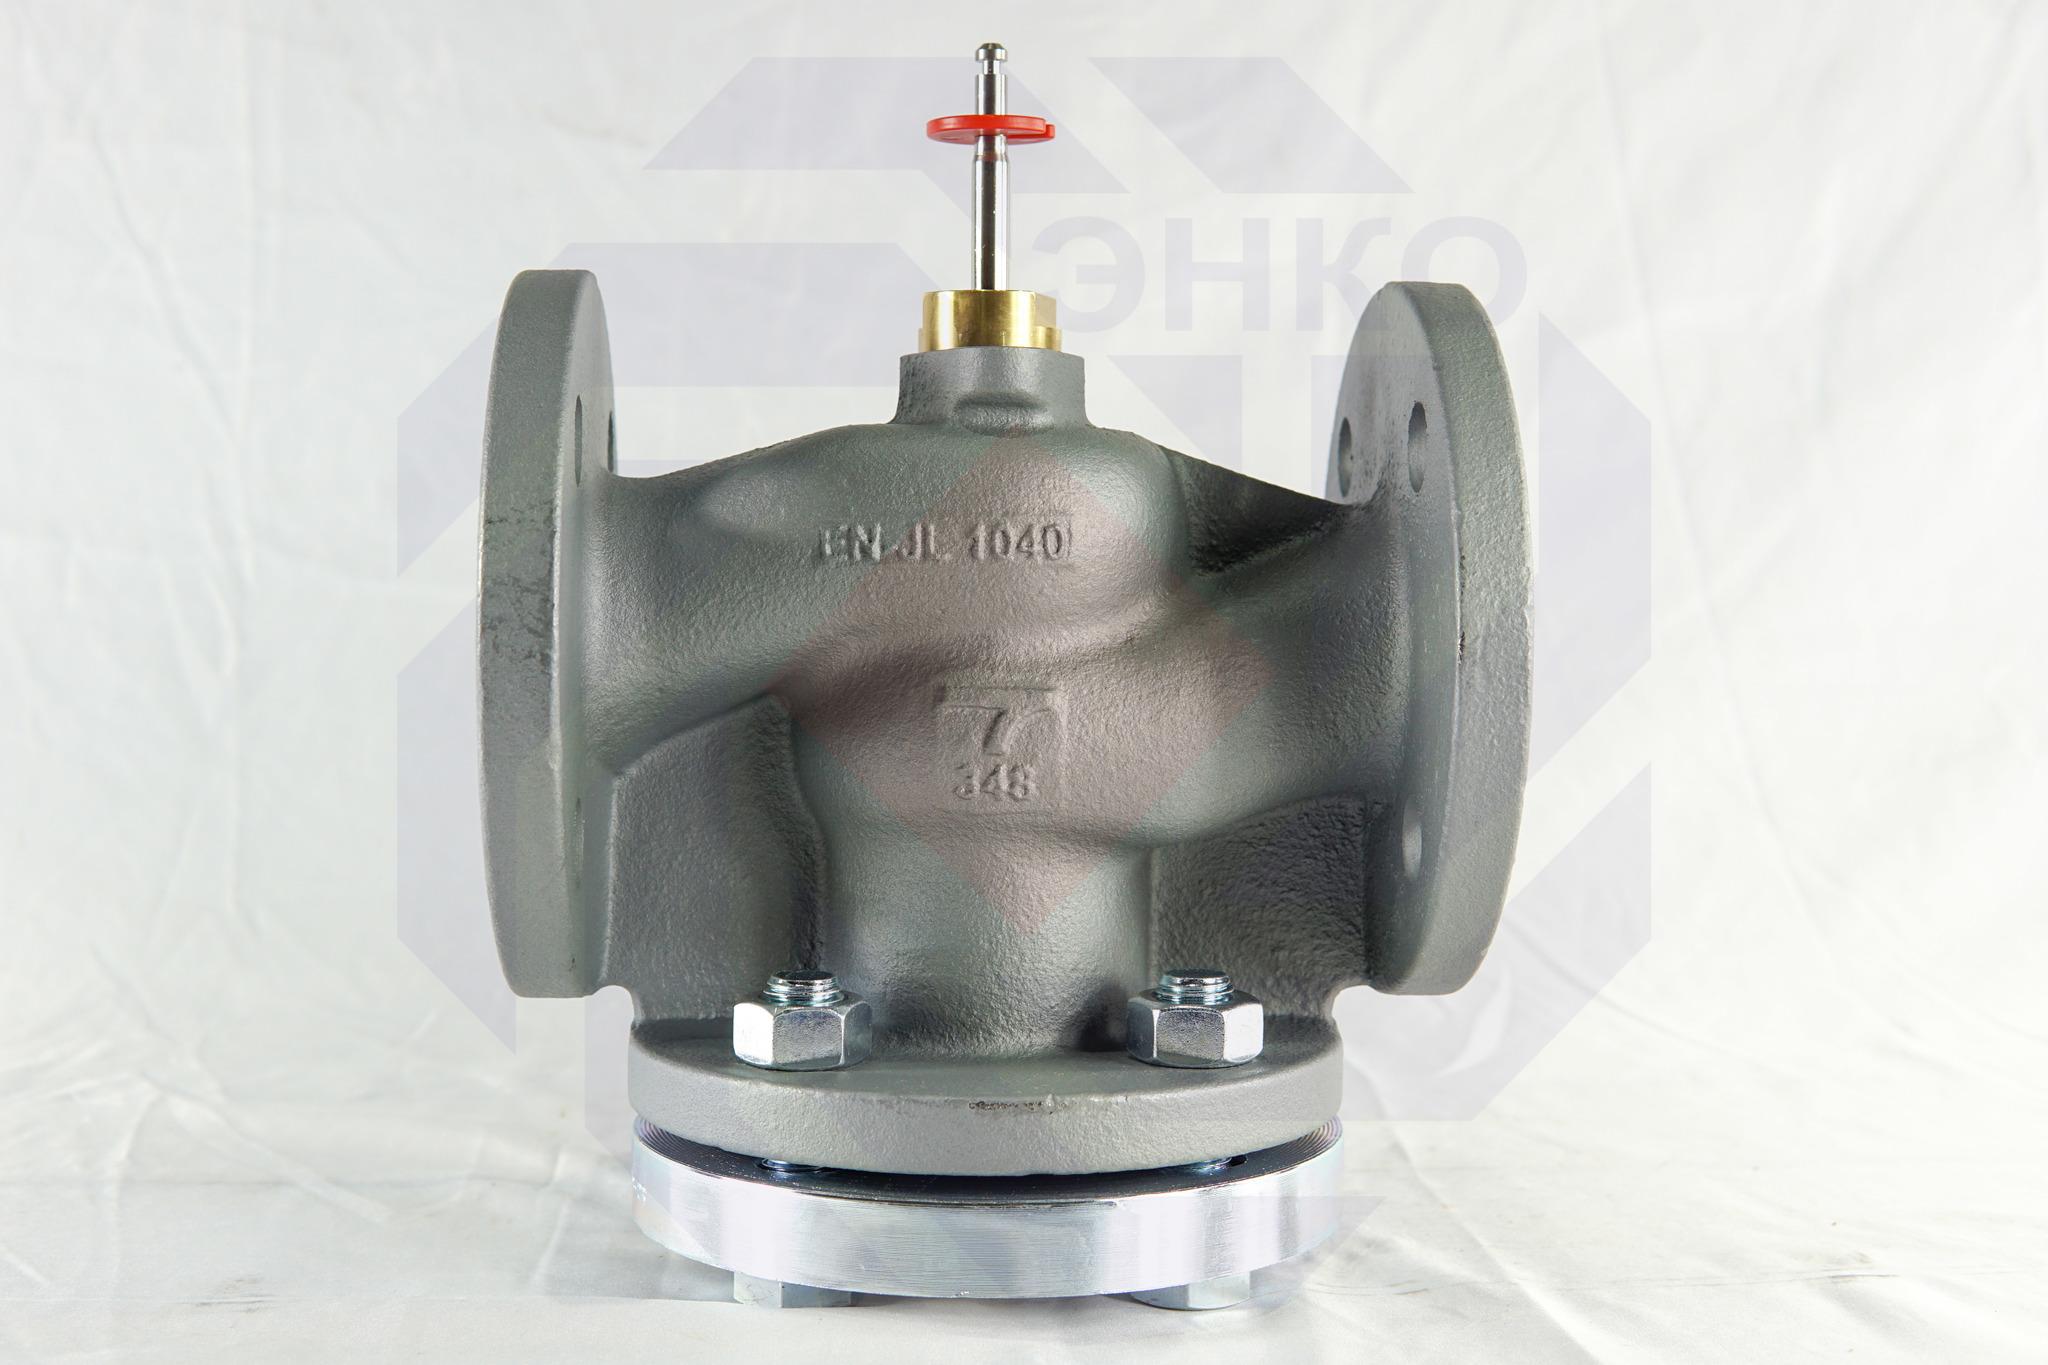 Клапан регулирующий двухходовой IMI CV216 GG DN 40